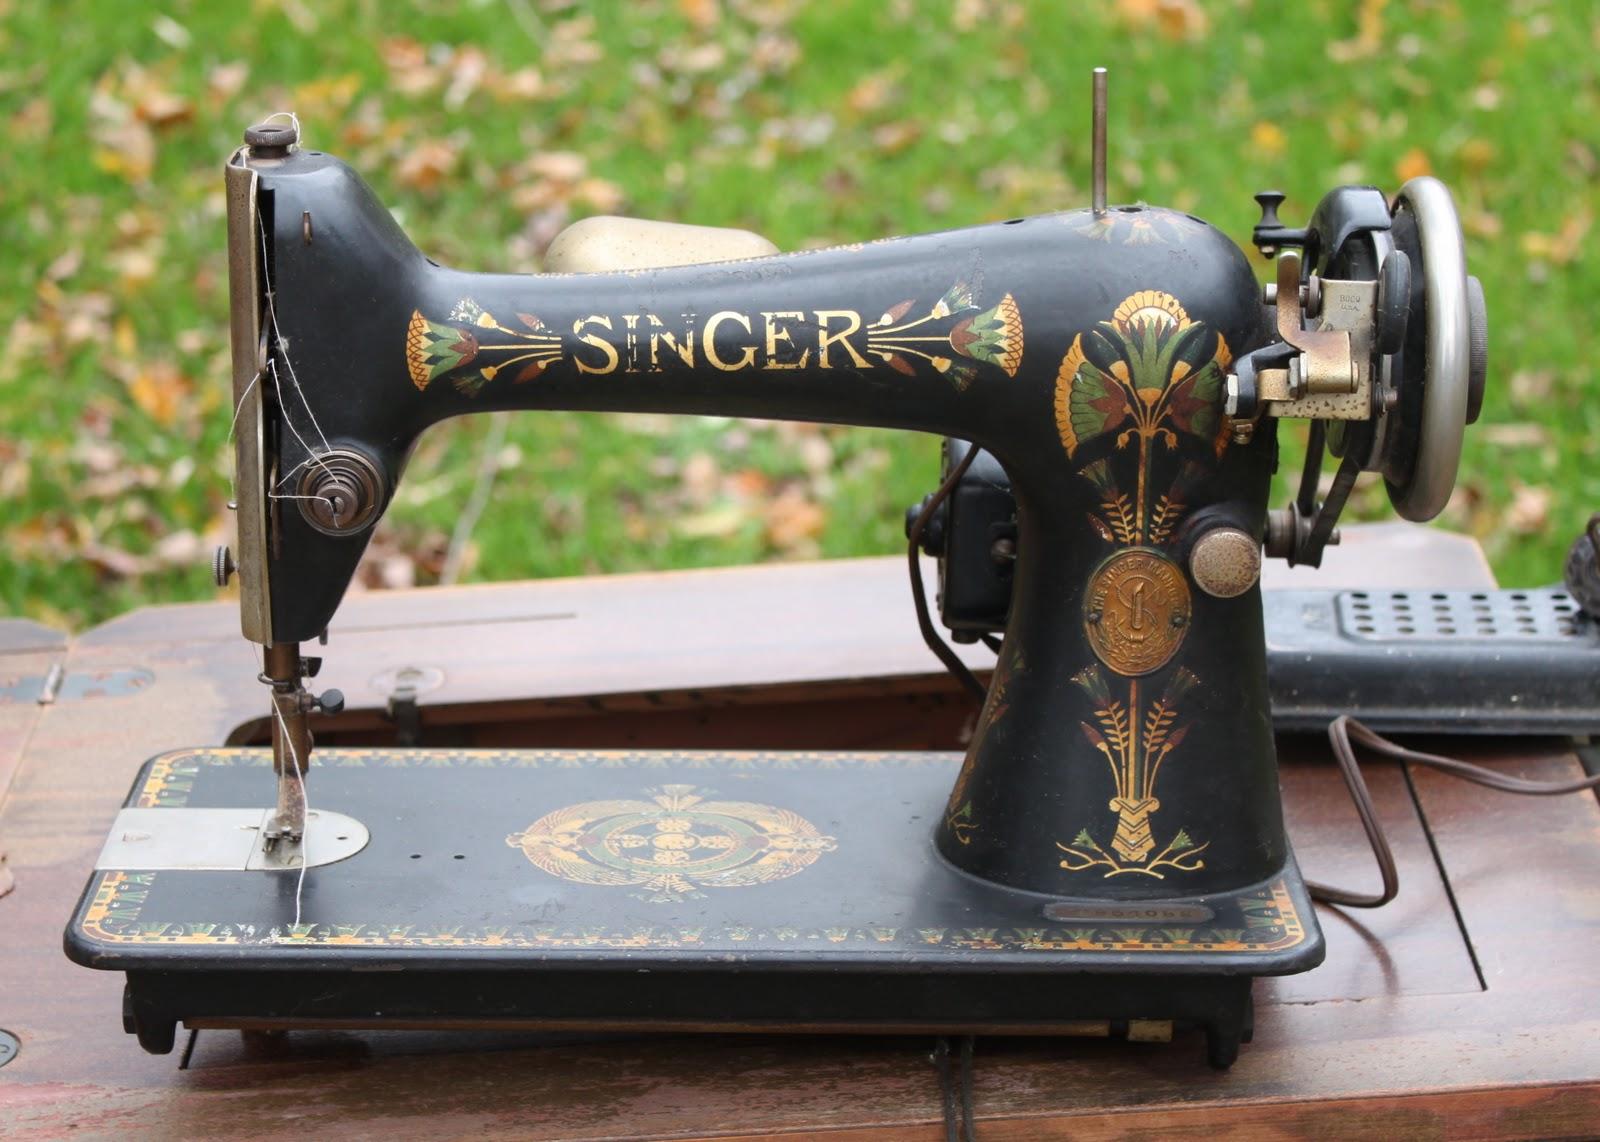 singer sewing machine 66